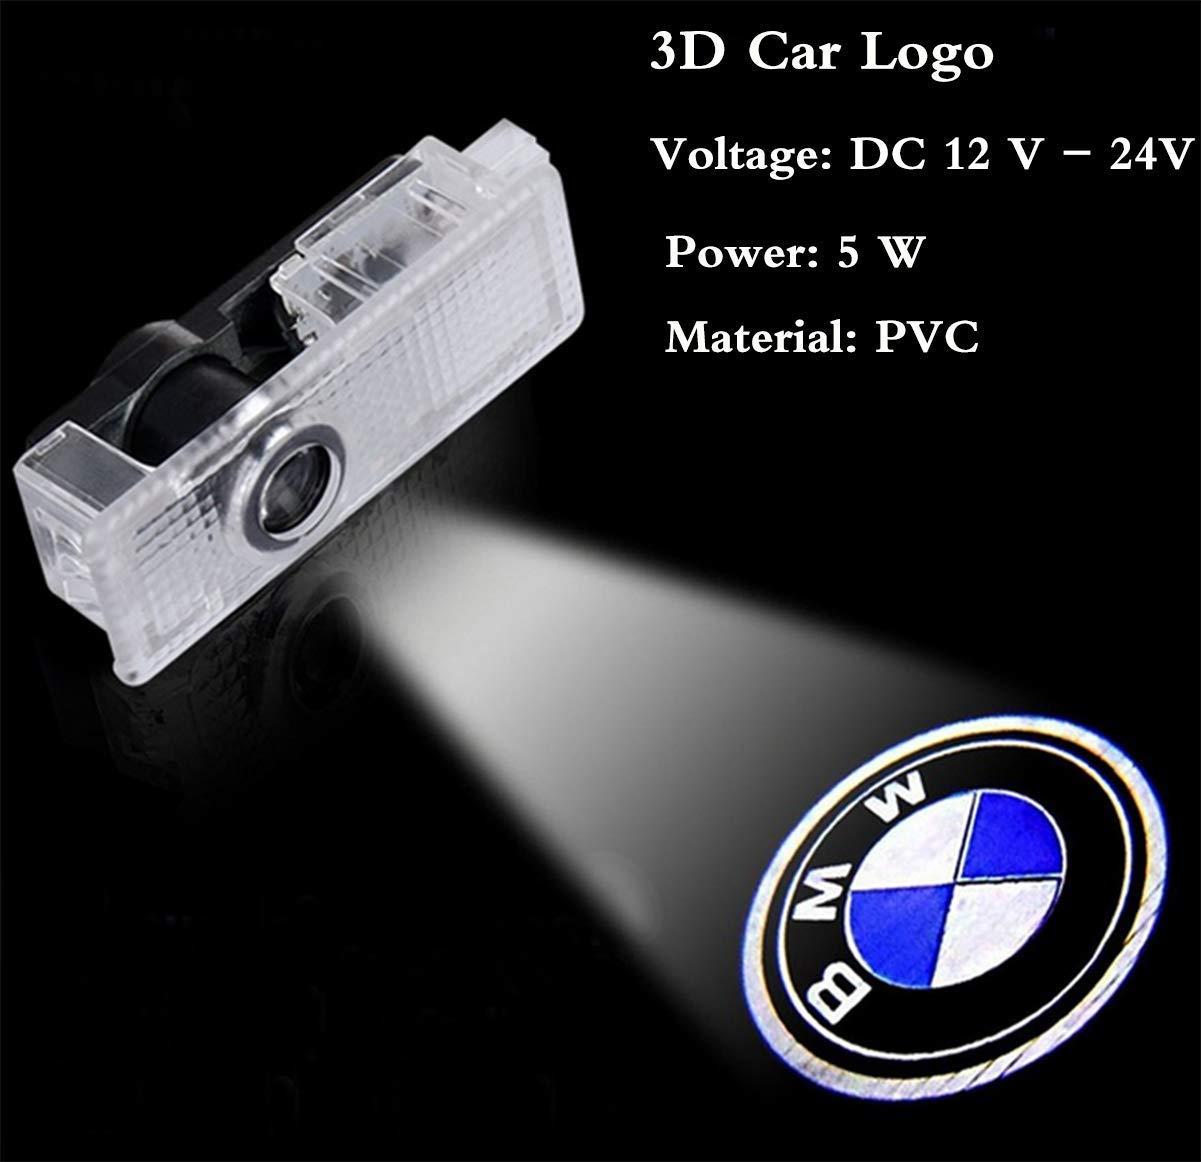 KKTICK Voiture Logo Projecteur 4 Pi/èces Lumi/ères de Porte Lumi/ères De Voiture LED Projecteur Voiture Logo Lumi/ère Auto Voiture la Lumi/ère de Bienvenue pour BMW